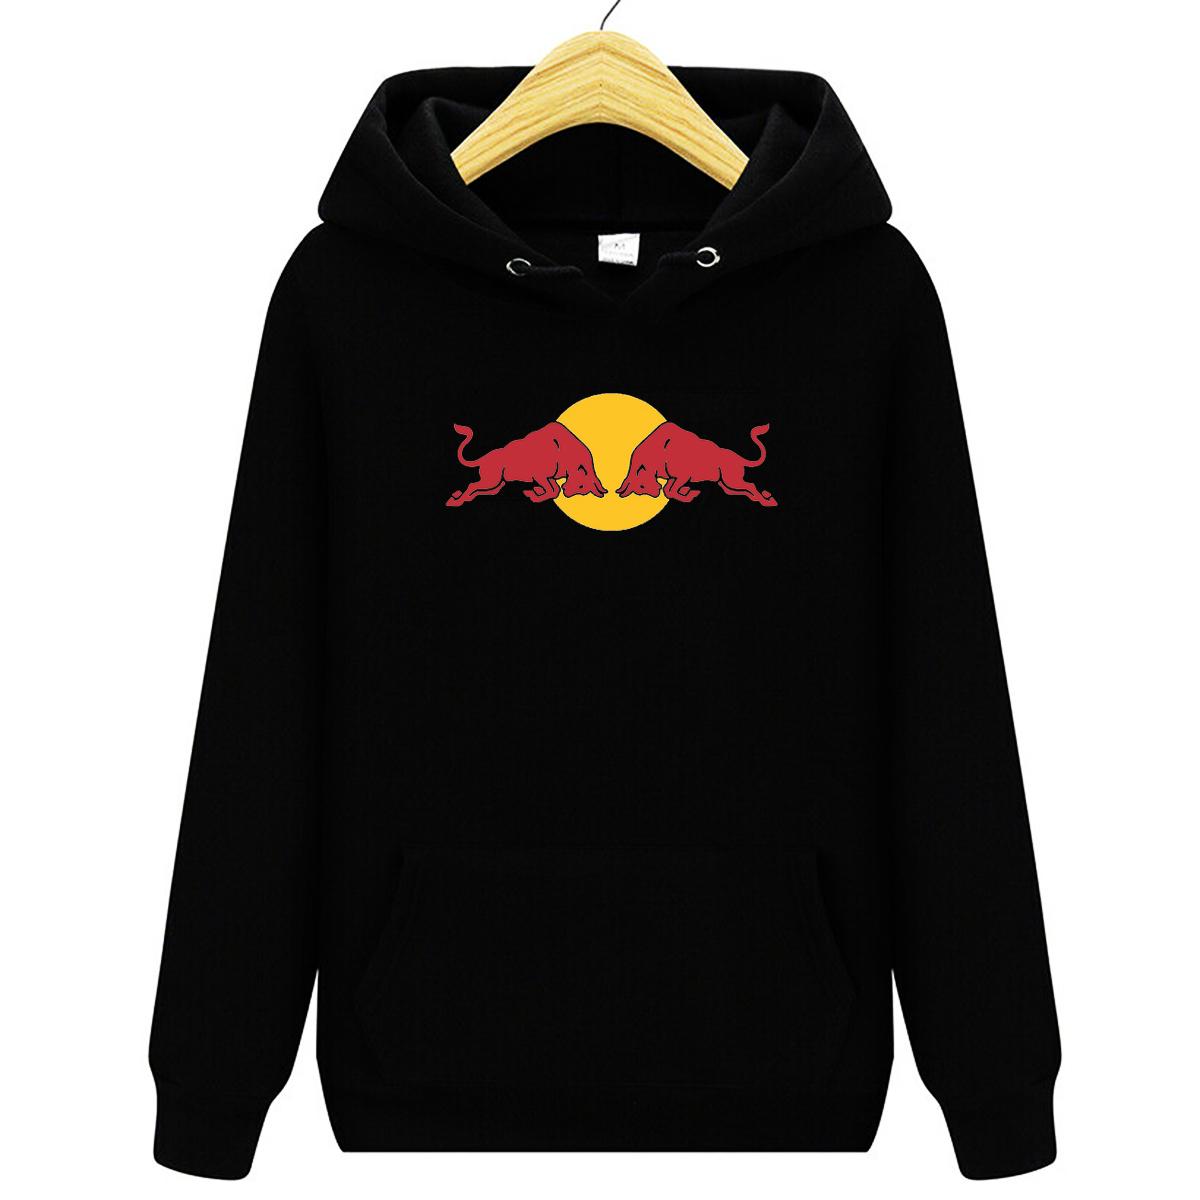 紅牛 Red Bull 男士衛衣,連帽衫,長袖T恤,套頭衫,男士純棉外套,秋冬季時尚休閒風衣 -H91